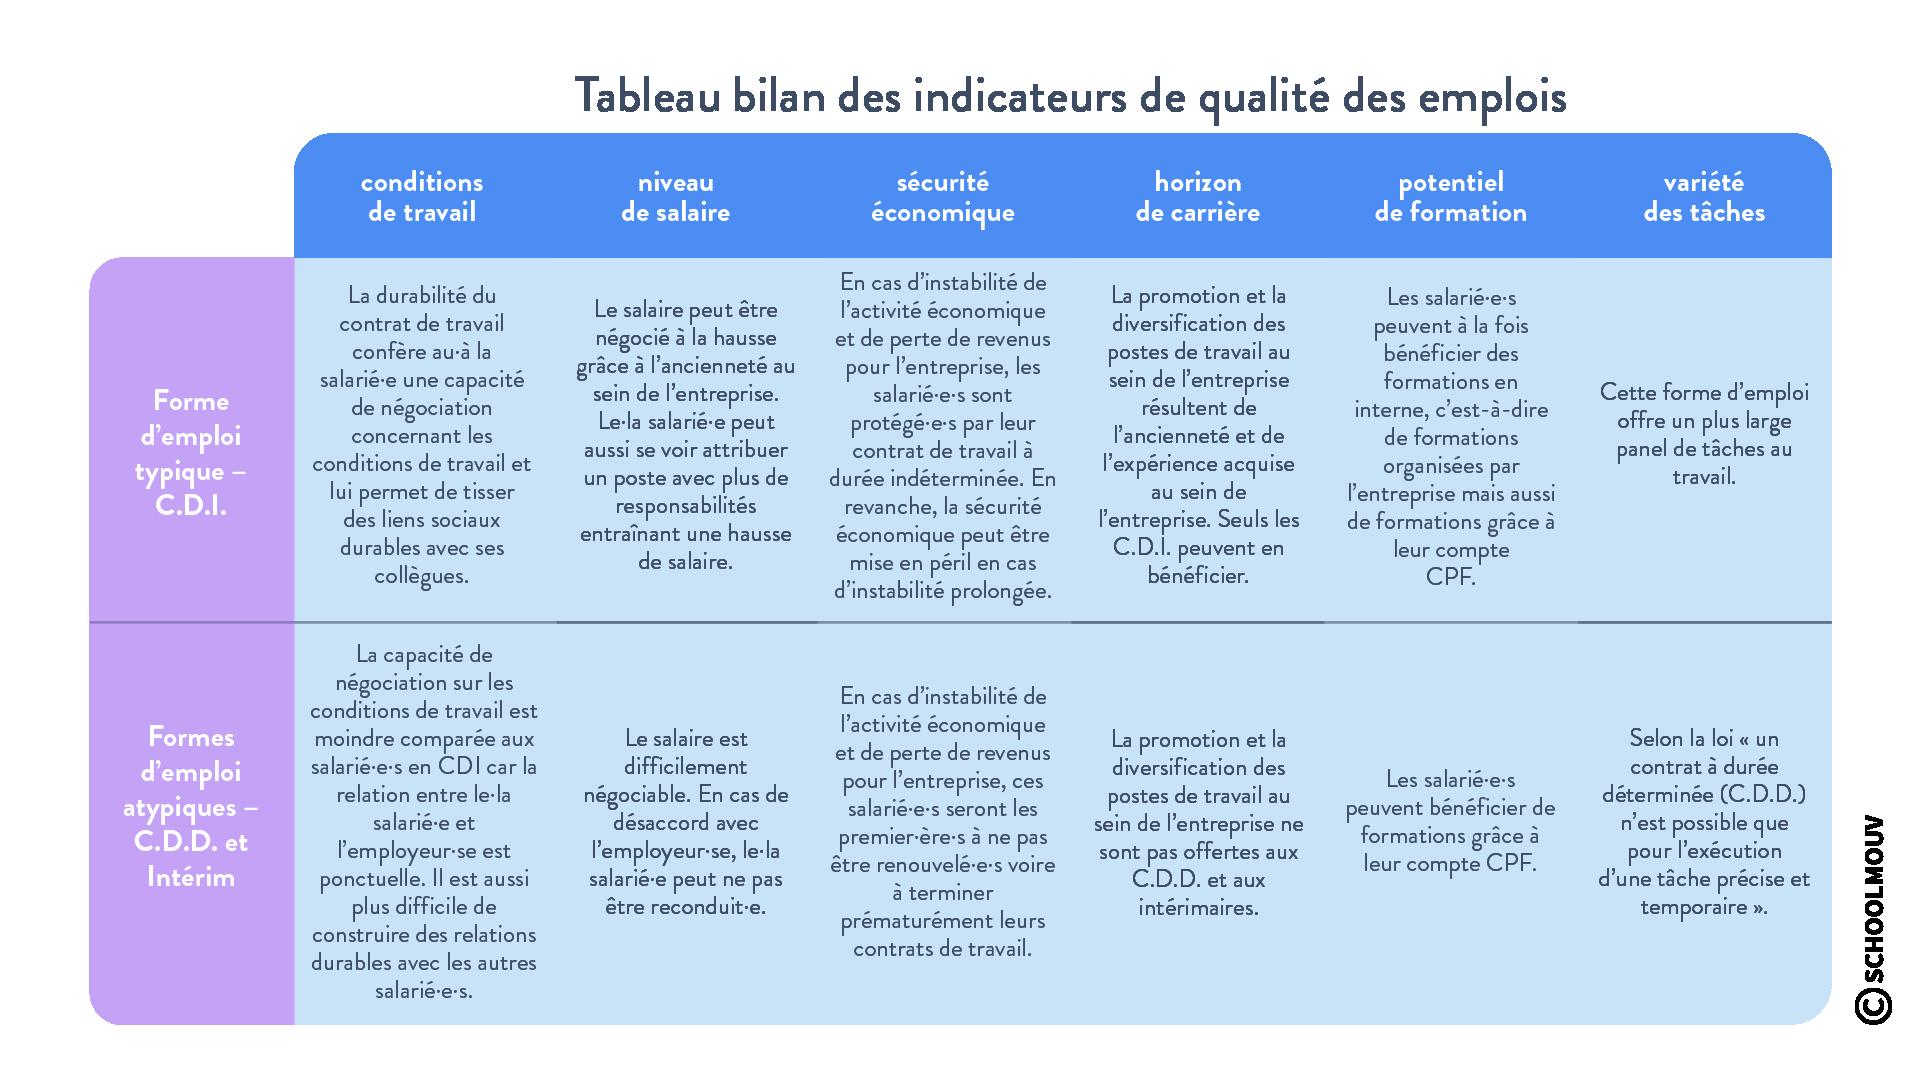 évolution forme d'emploi CDD CDI Tableau bilan des indicateurs de qualité des emplois